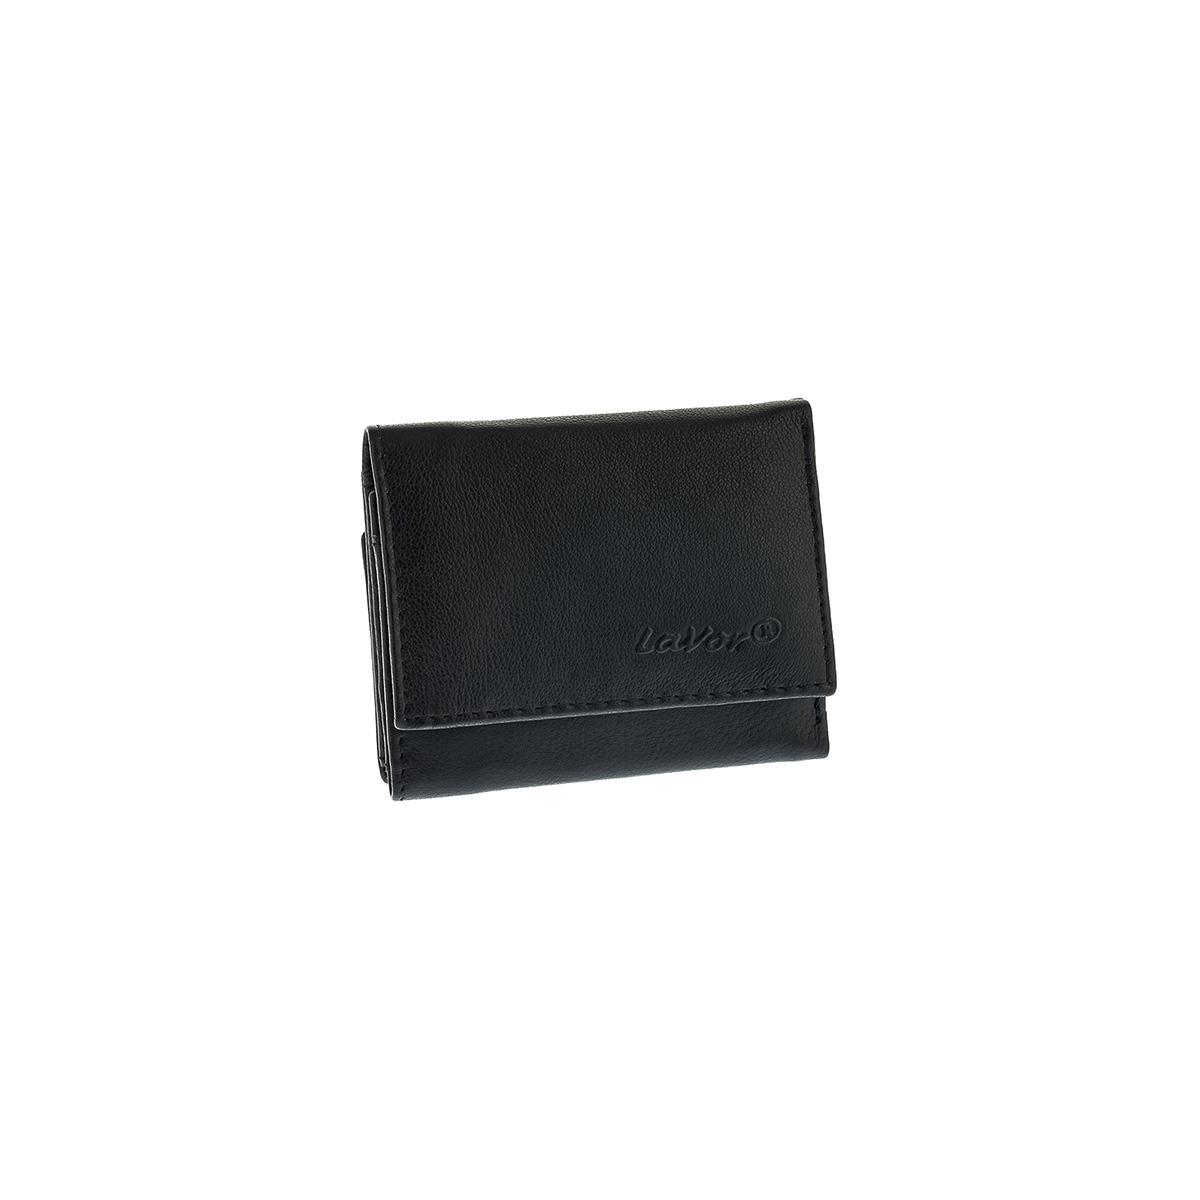 Δερμάτινο Πορτοφόλι Μικρό Με Εξωτερική Θήκη Κερμάτων Lavor RFID 7419 Μαύρο 067b6be7329